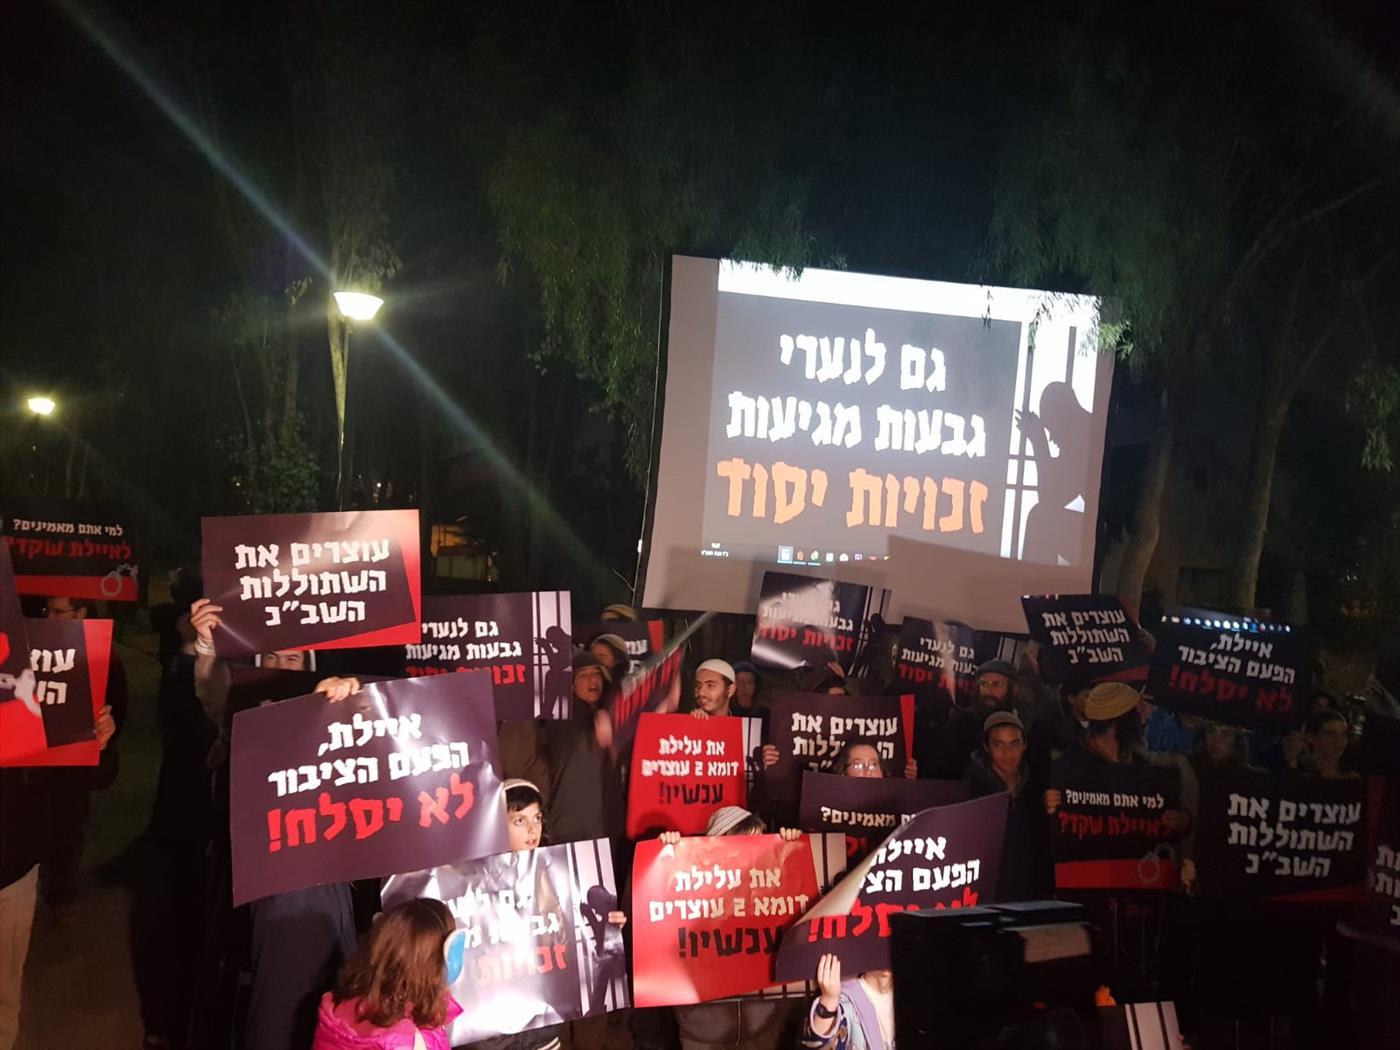 הפגנה מול ביתה של שרת המשפטים על רקע מעצר הנערים